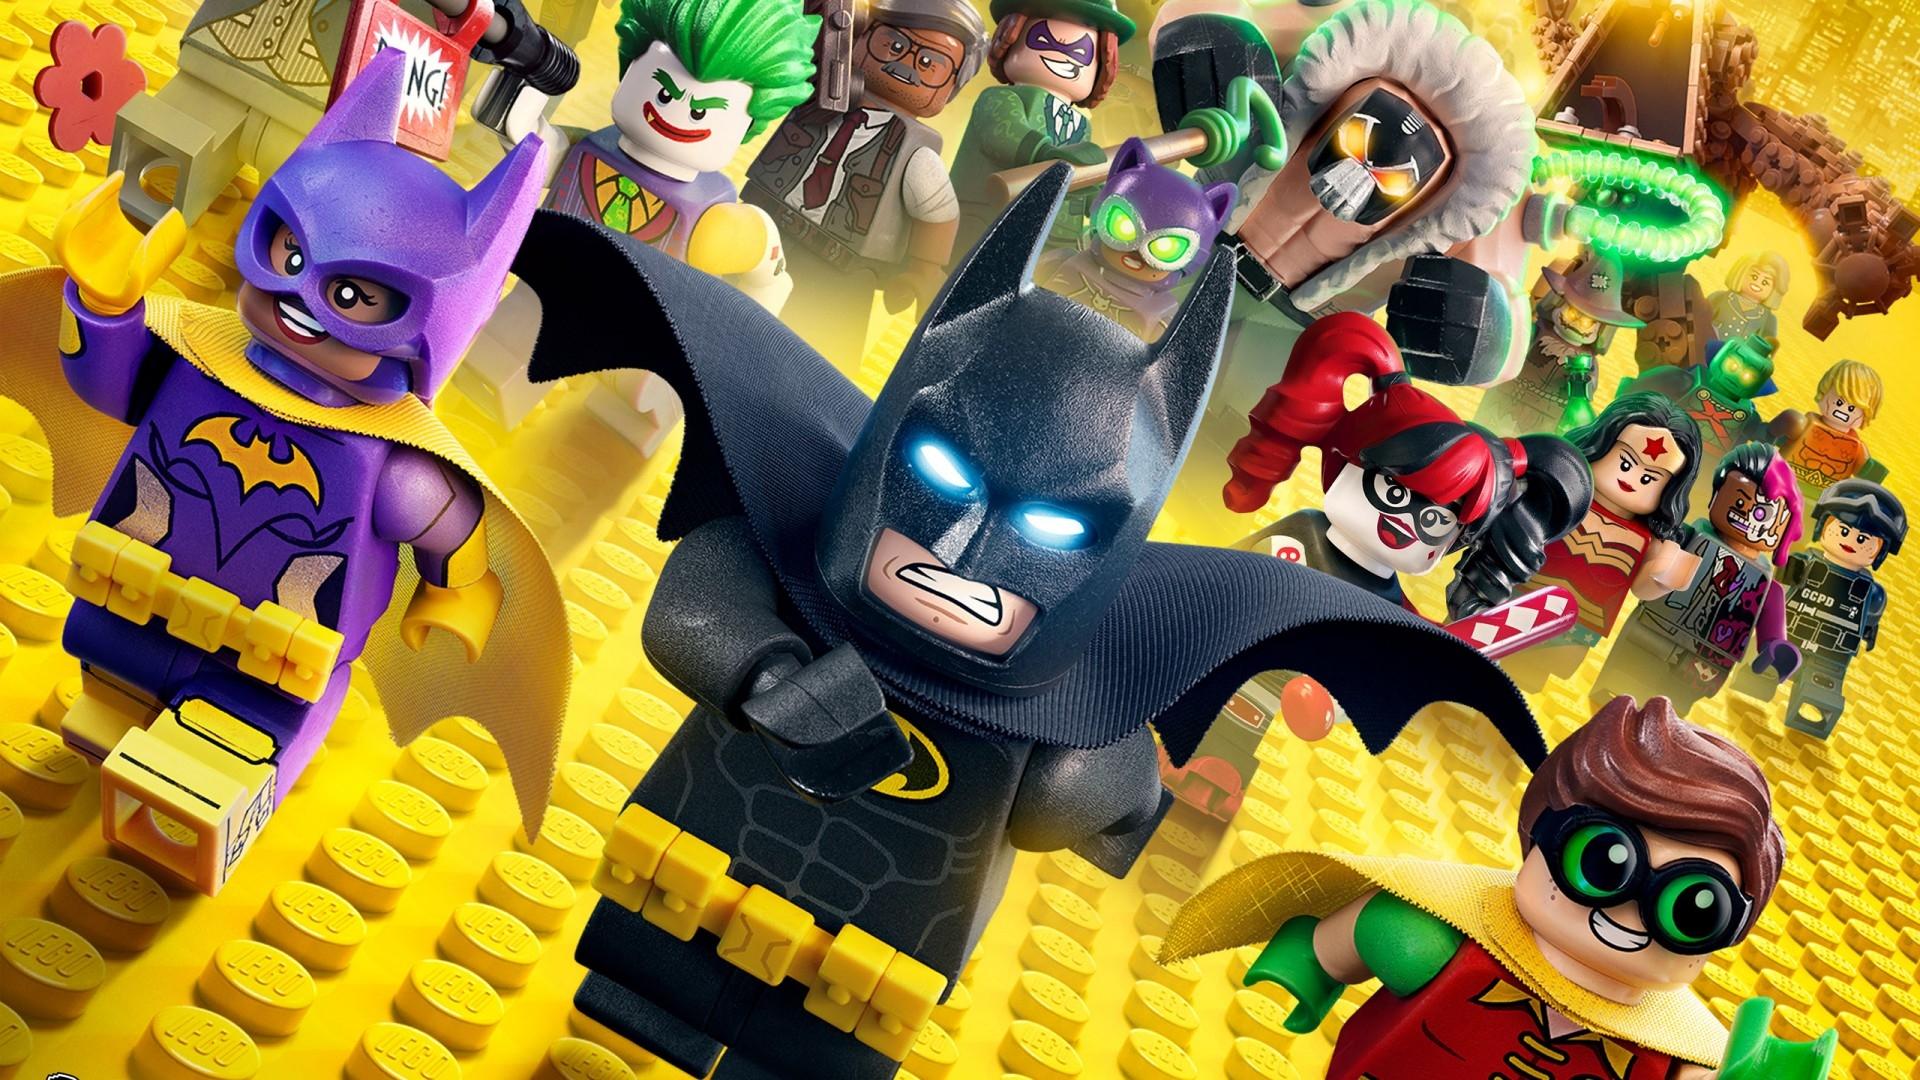 Fondos de pantalla de Batman La Lego Pelicula, Wallpapers Gratis